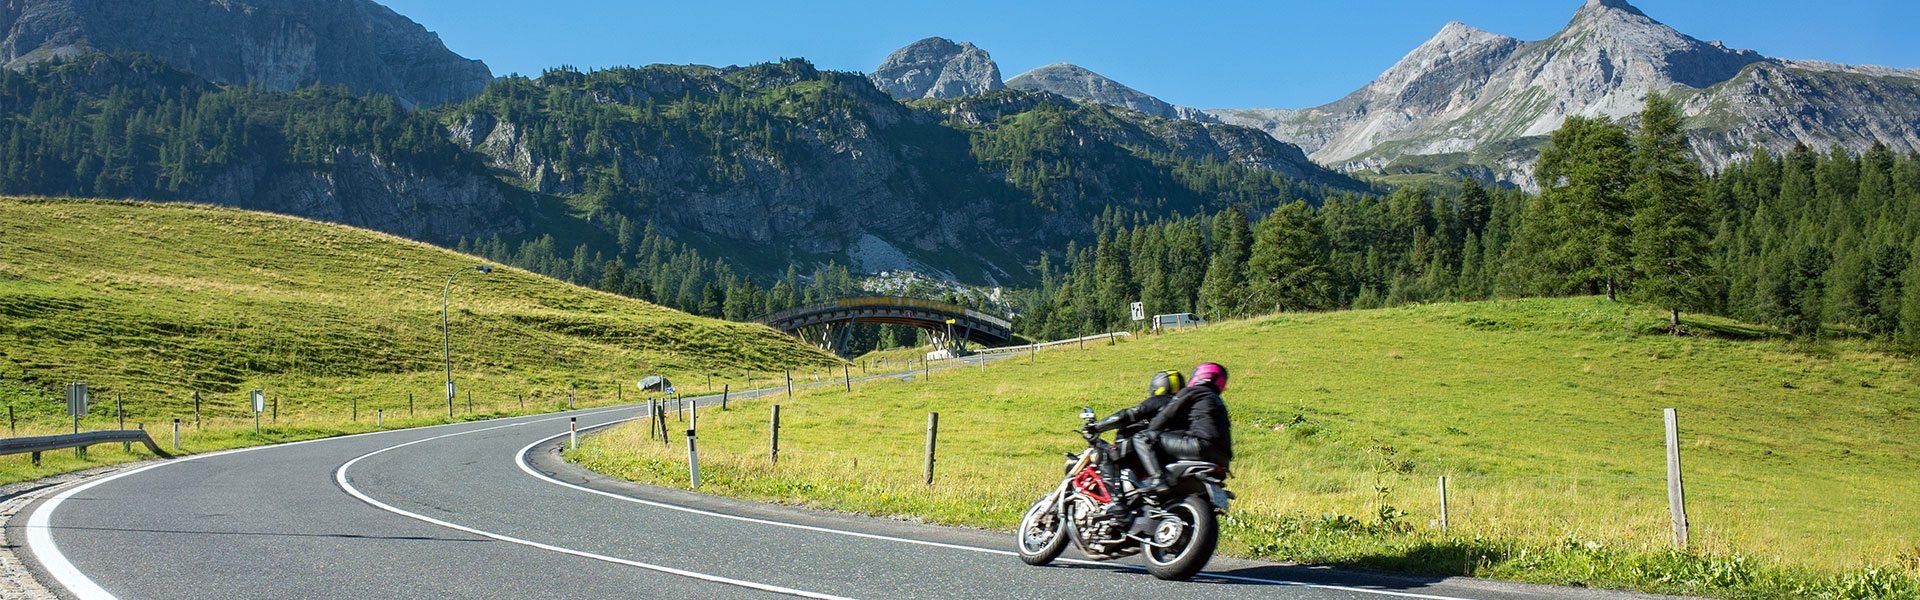 Motorrad-Touren im Salzburger Land, Österreich